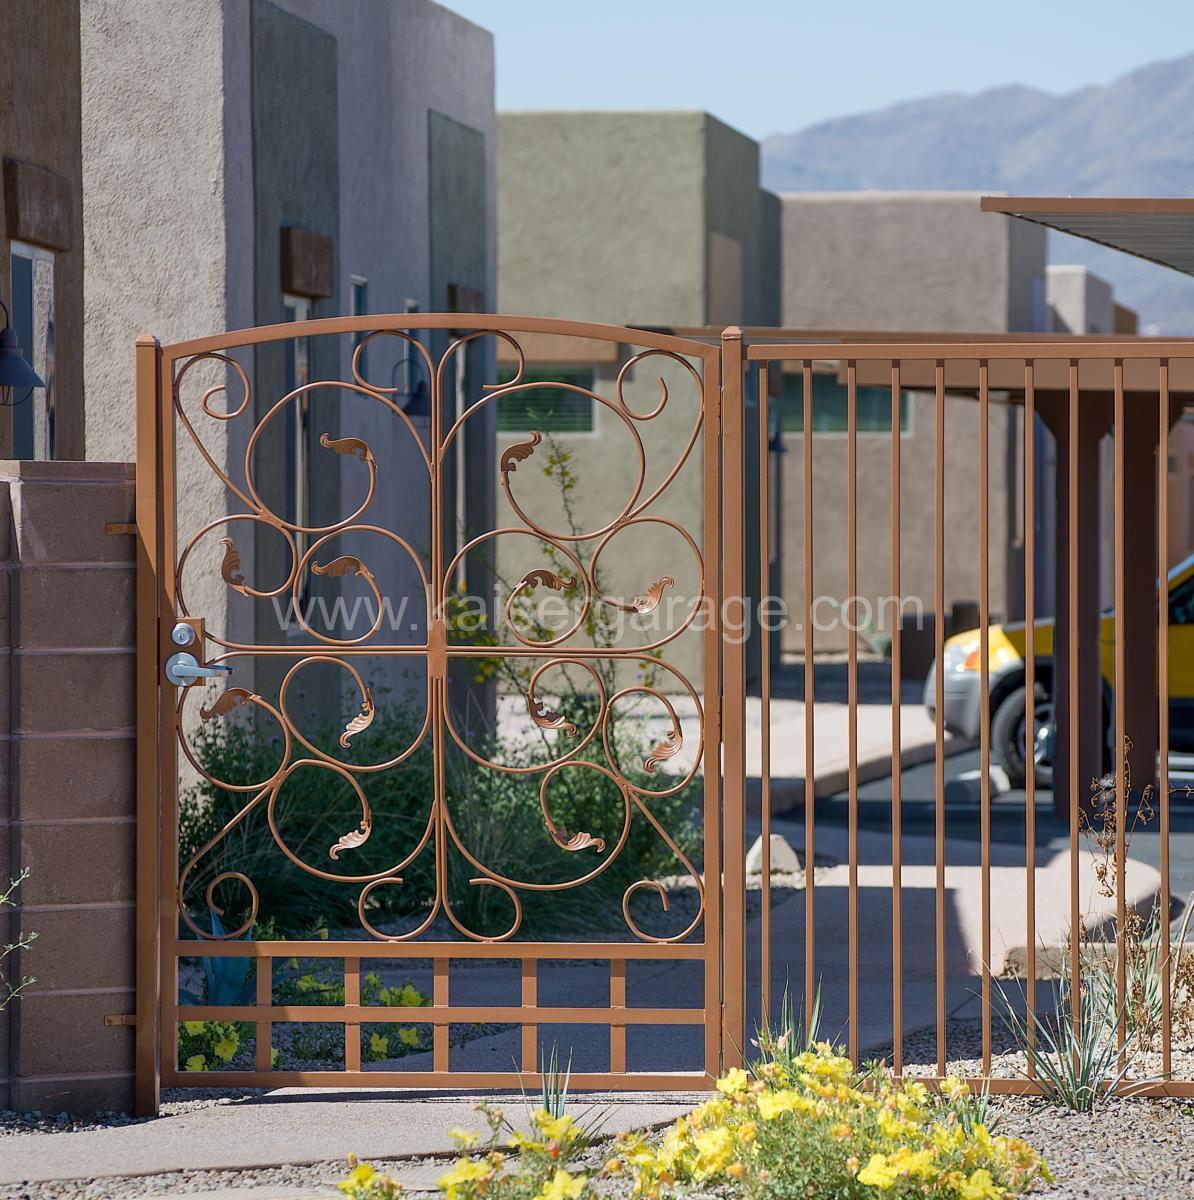 kgdg-custom-gate-residential-side